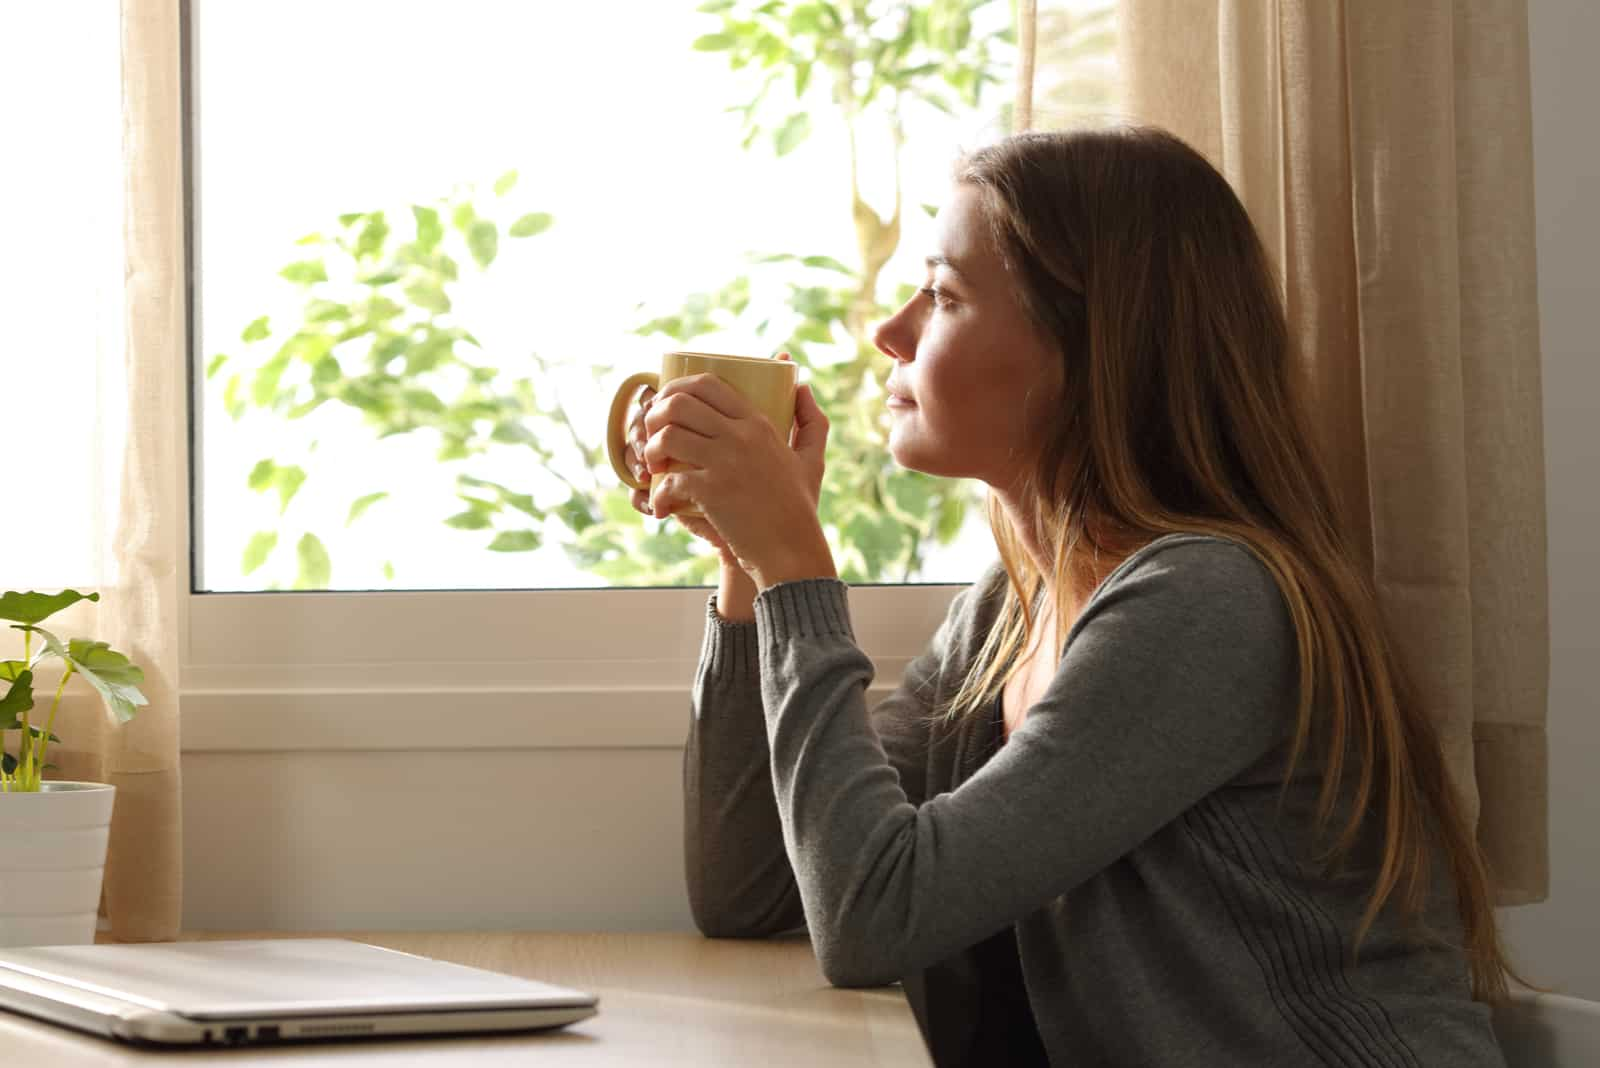 la femme est assise à la table en buvant du café et en regardant par la fenêtre